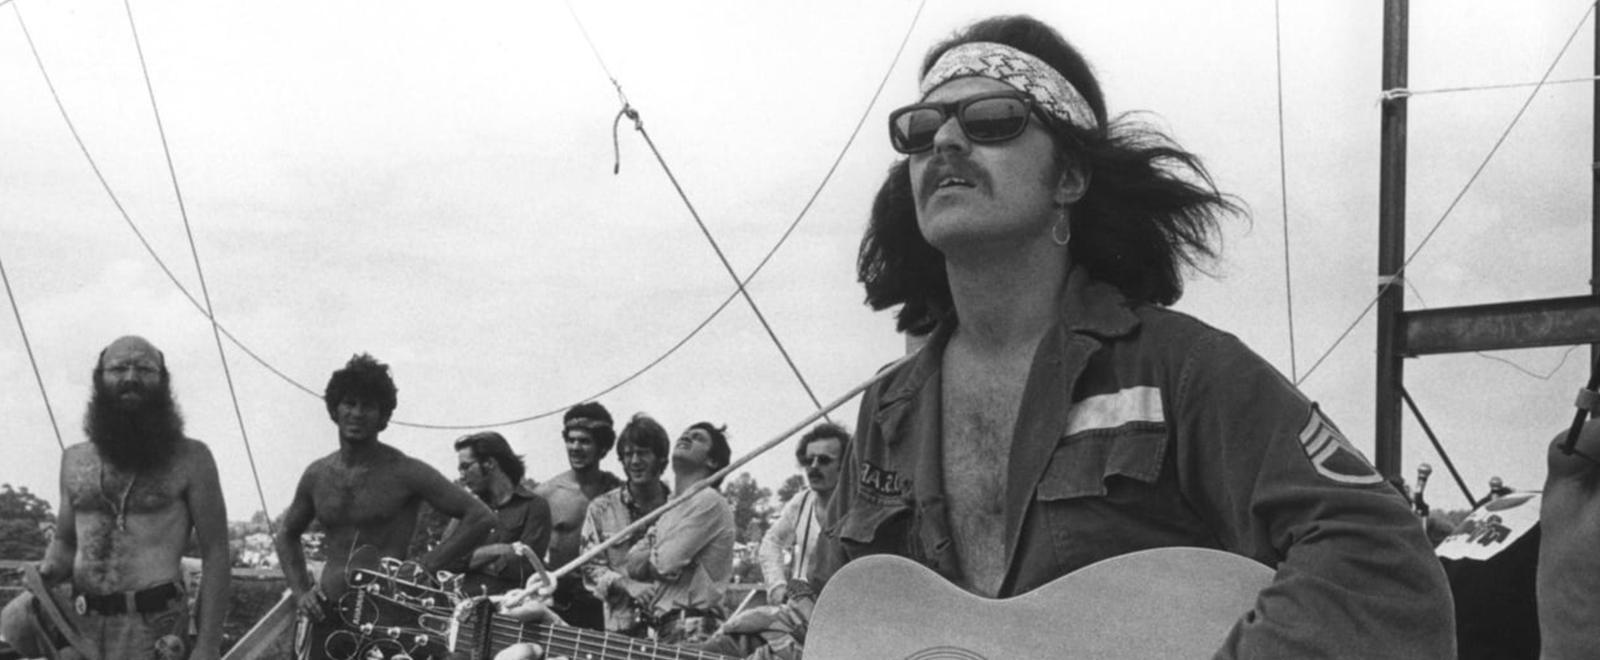 Woodstock - Tre giorni di pace, amore e musica